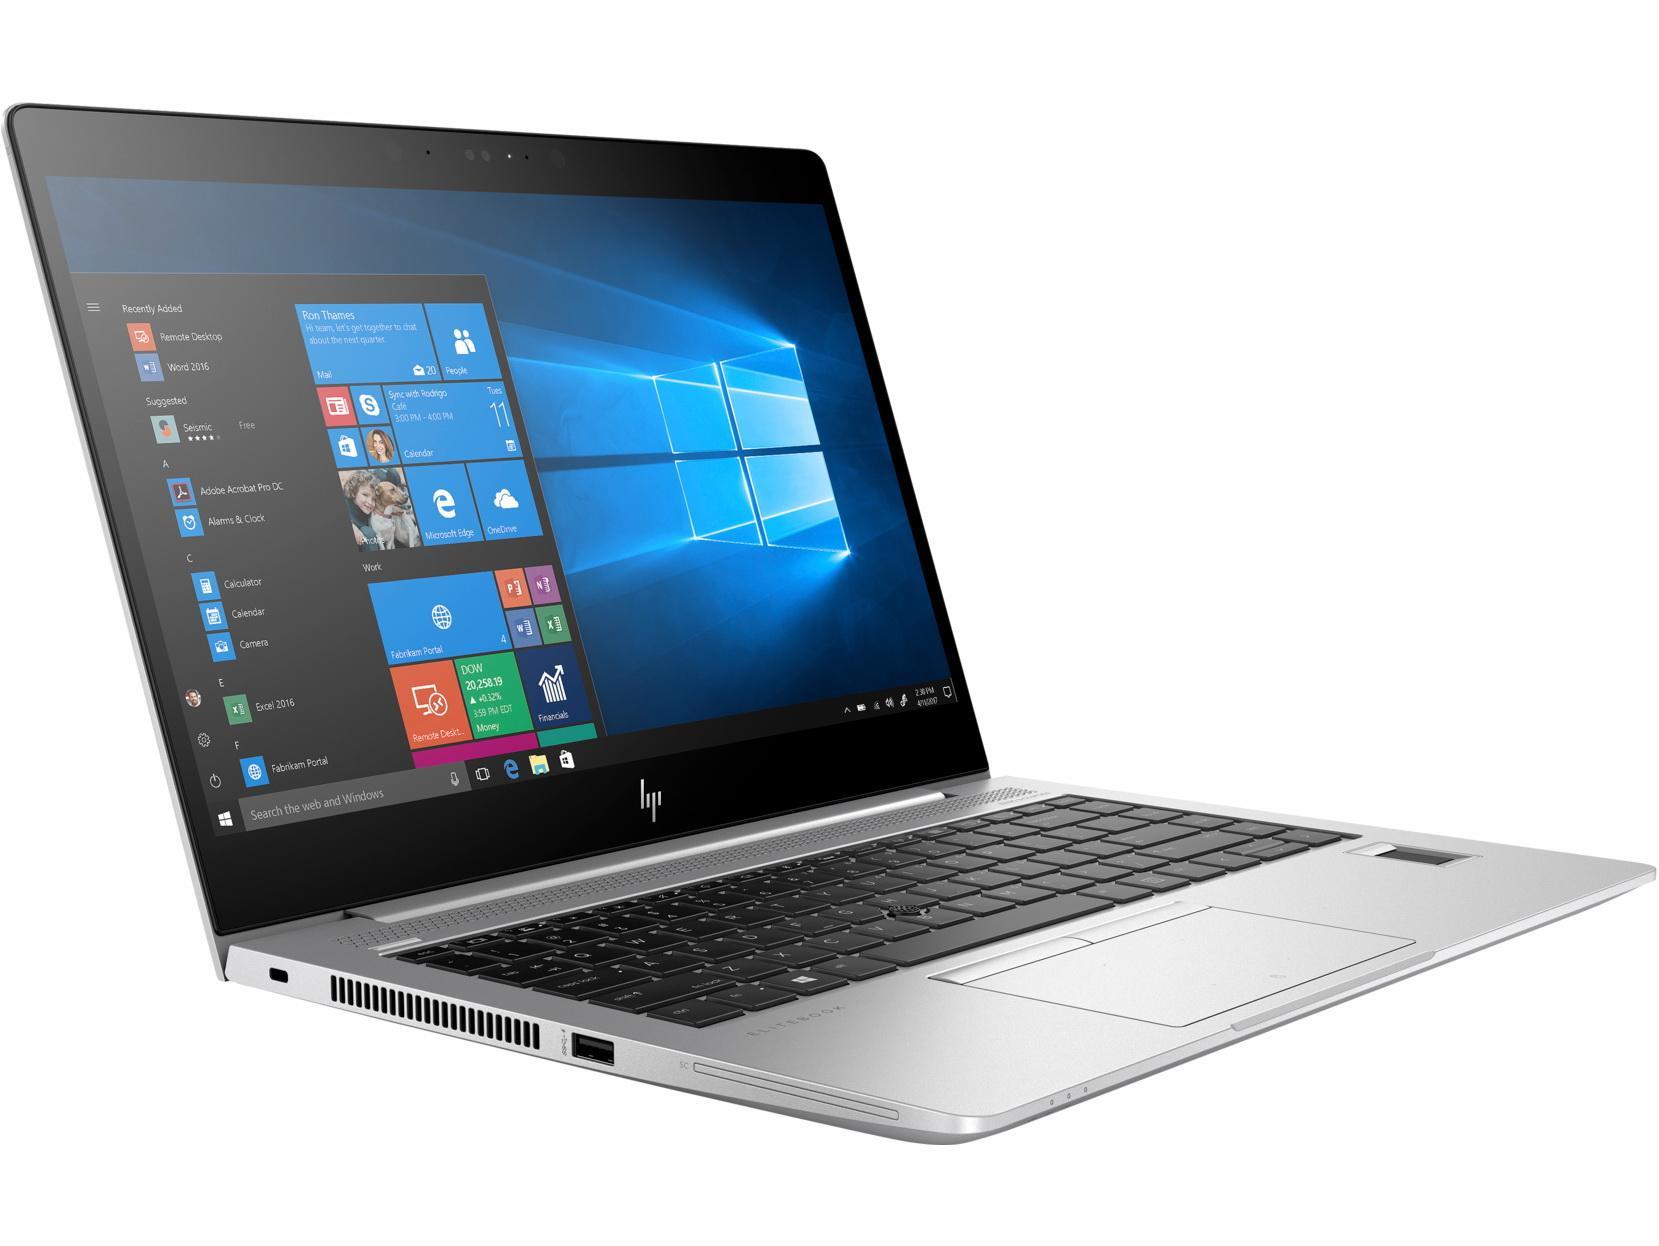 HP EliteBook 840 Healthcare Edition